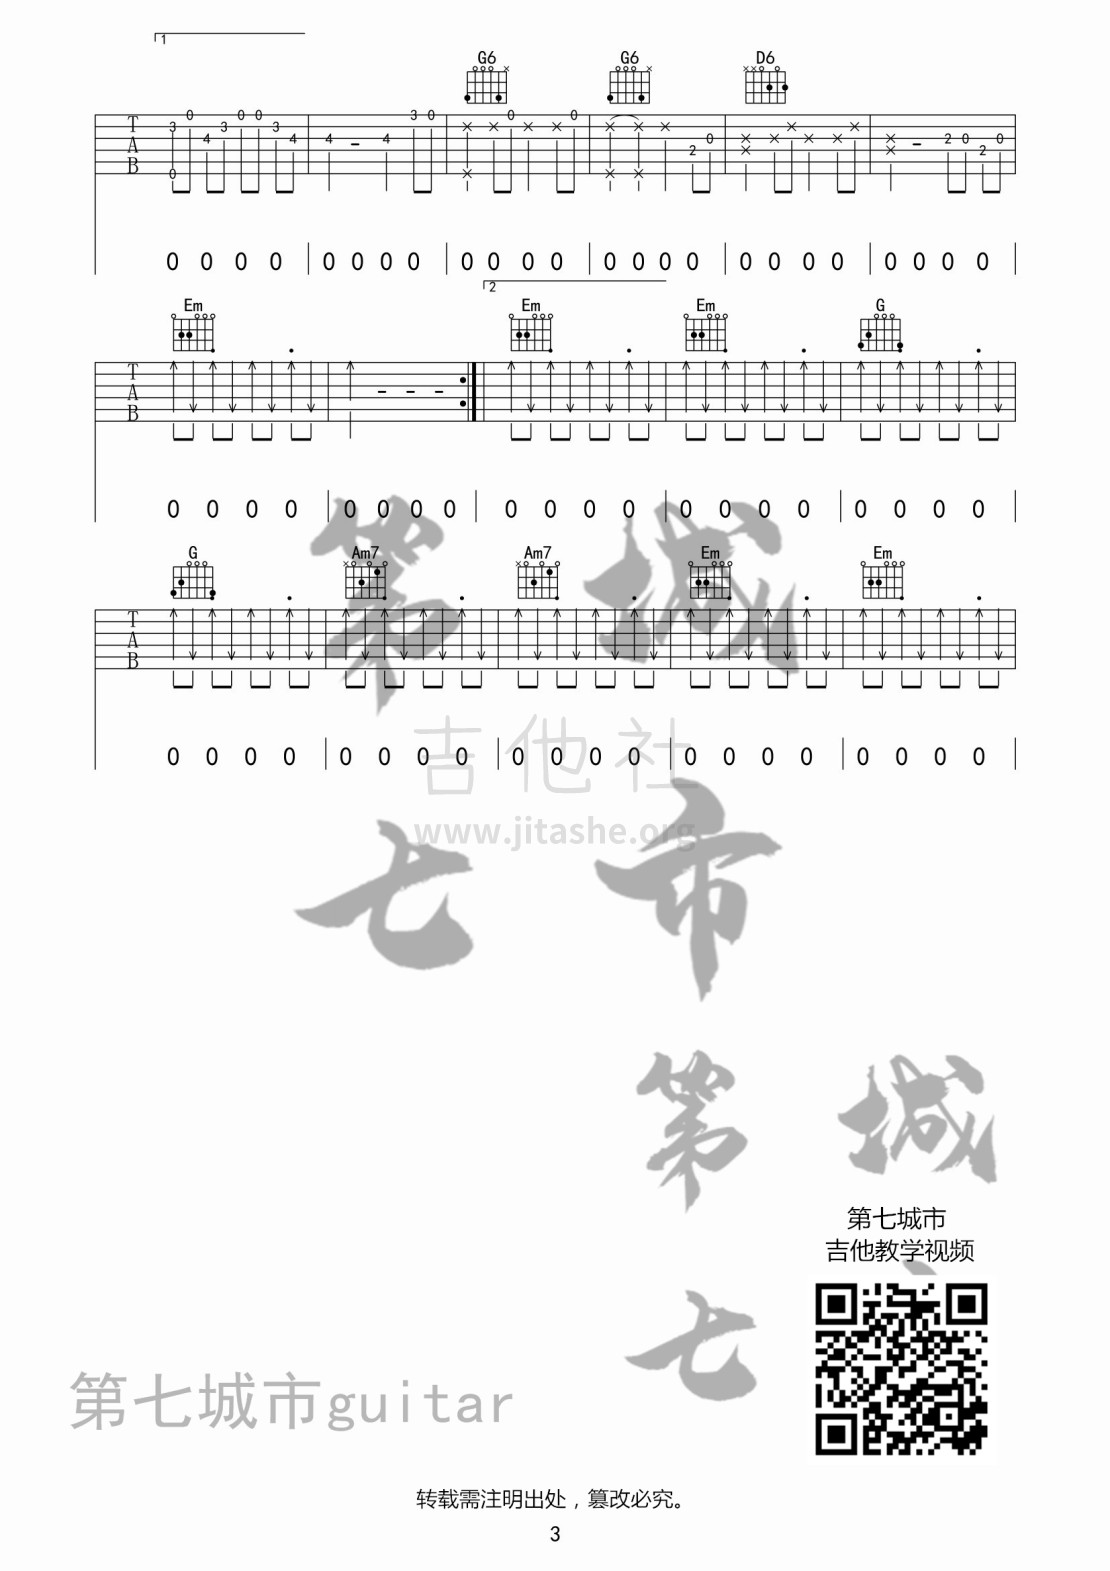 打印:大风吹吉他谱_王赫野_大风吹水印03.jpg